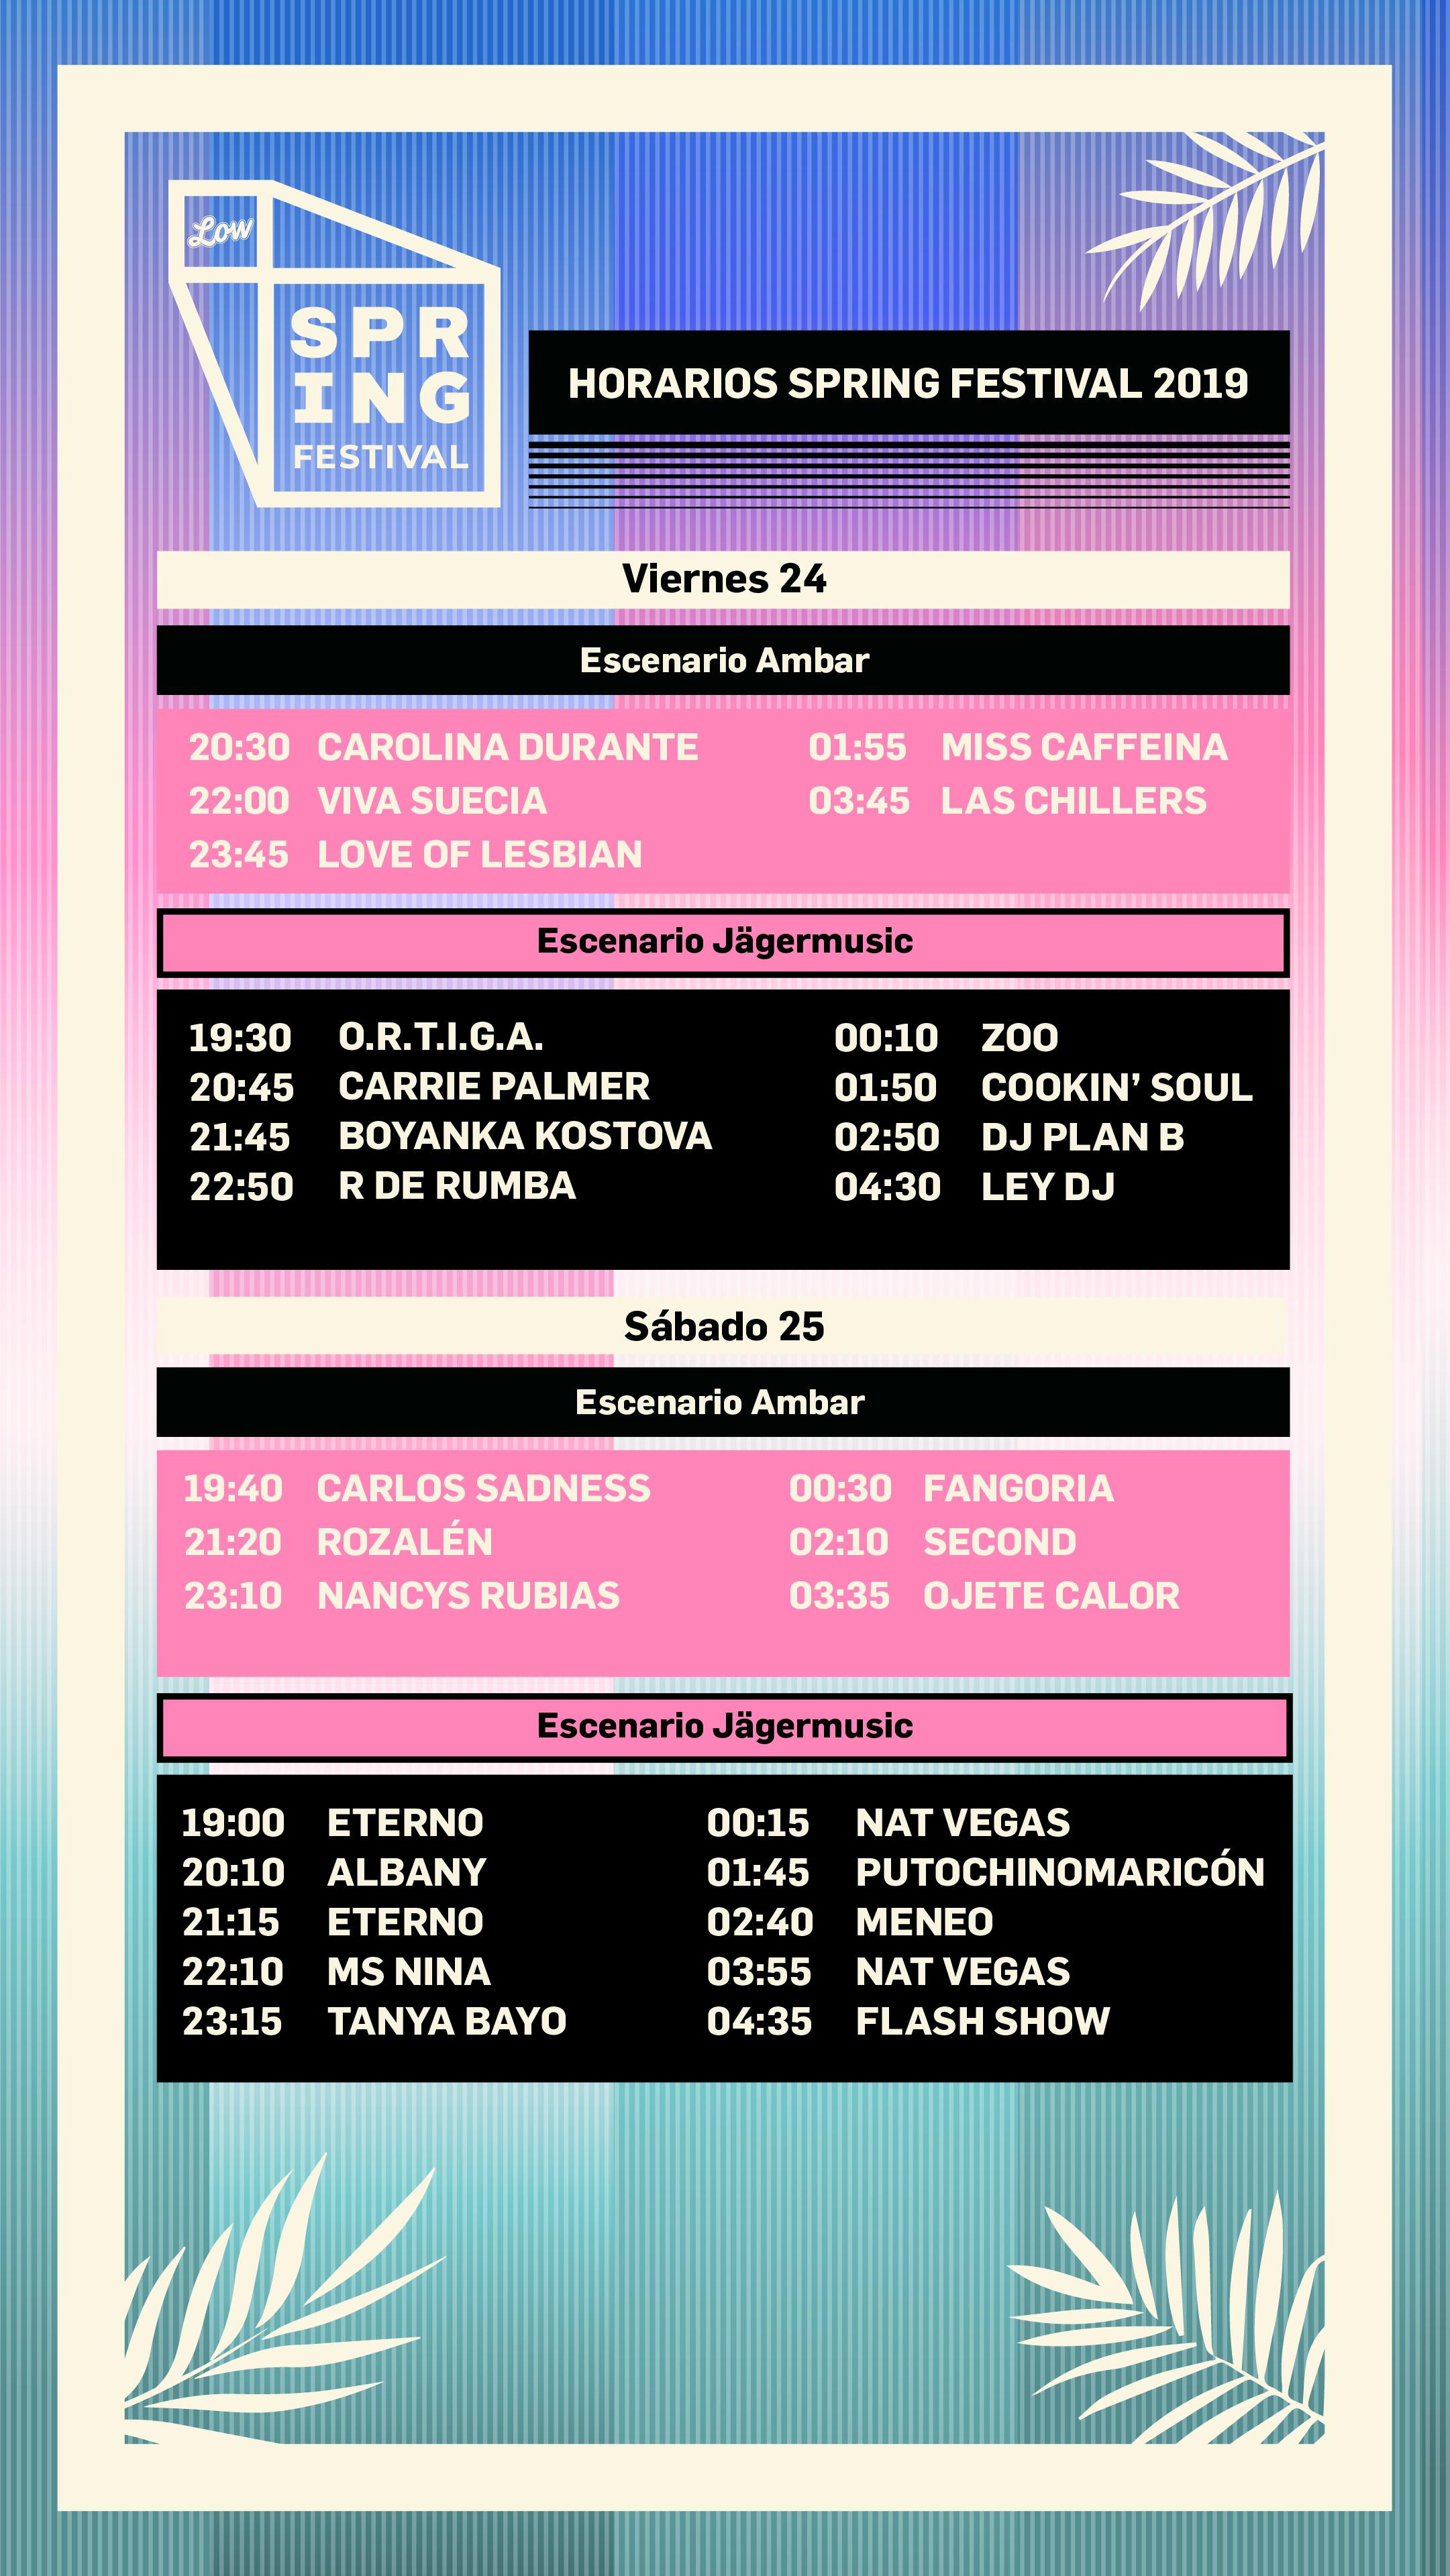 Spring Festival presenta los horarios de su edición 2019 en MÚSICA